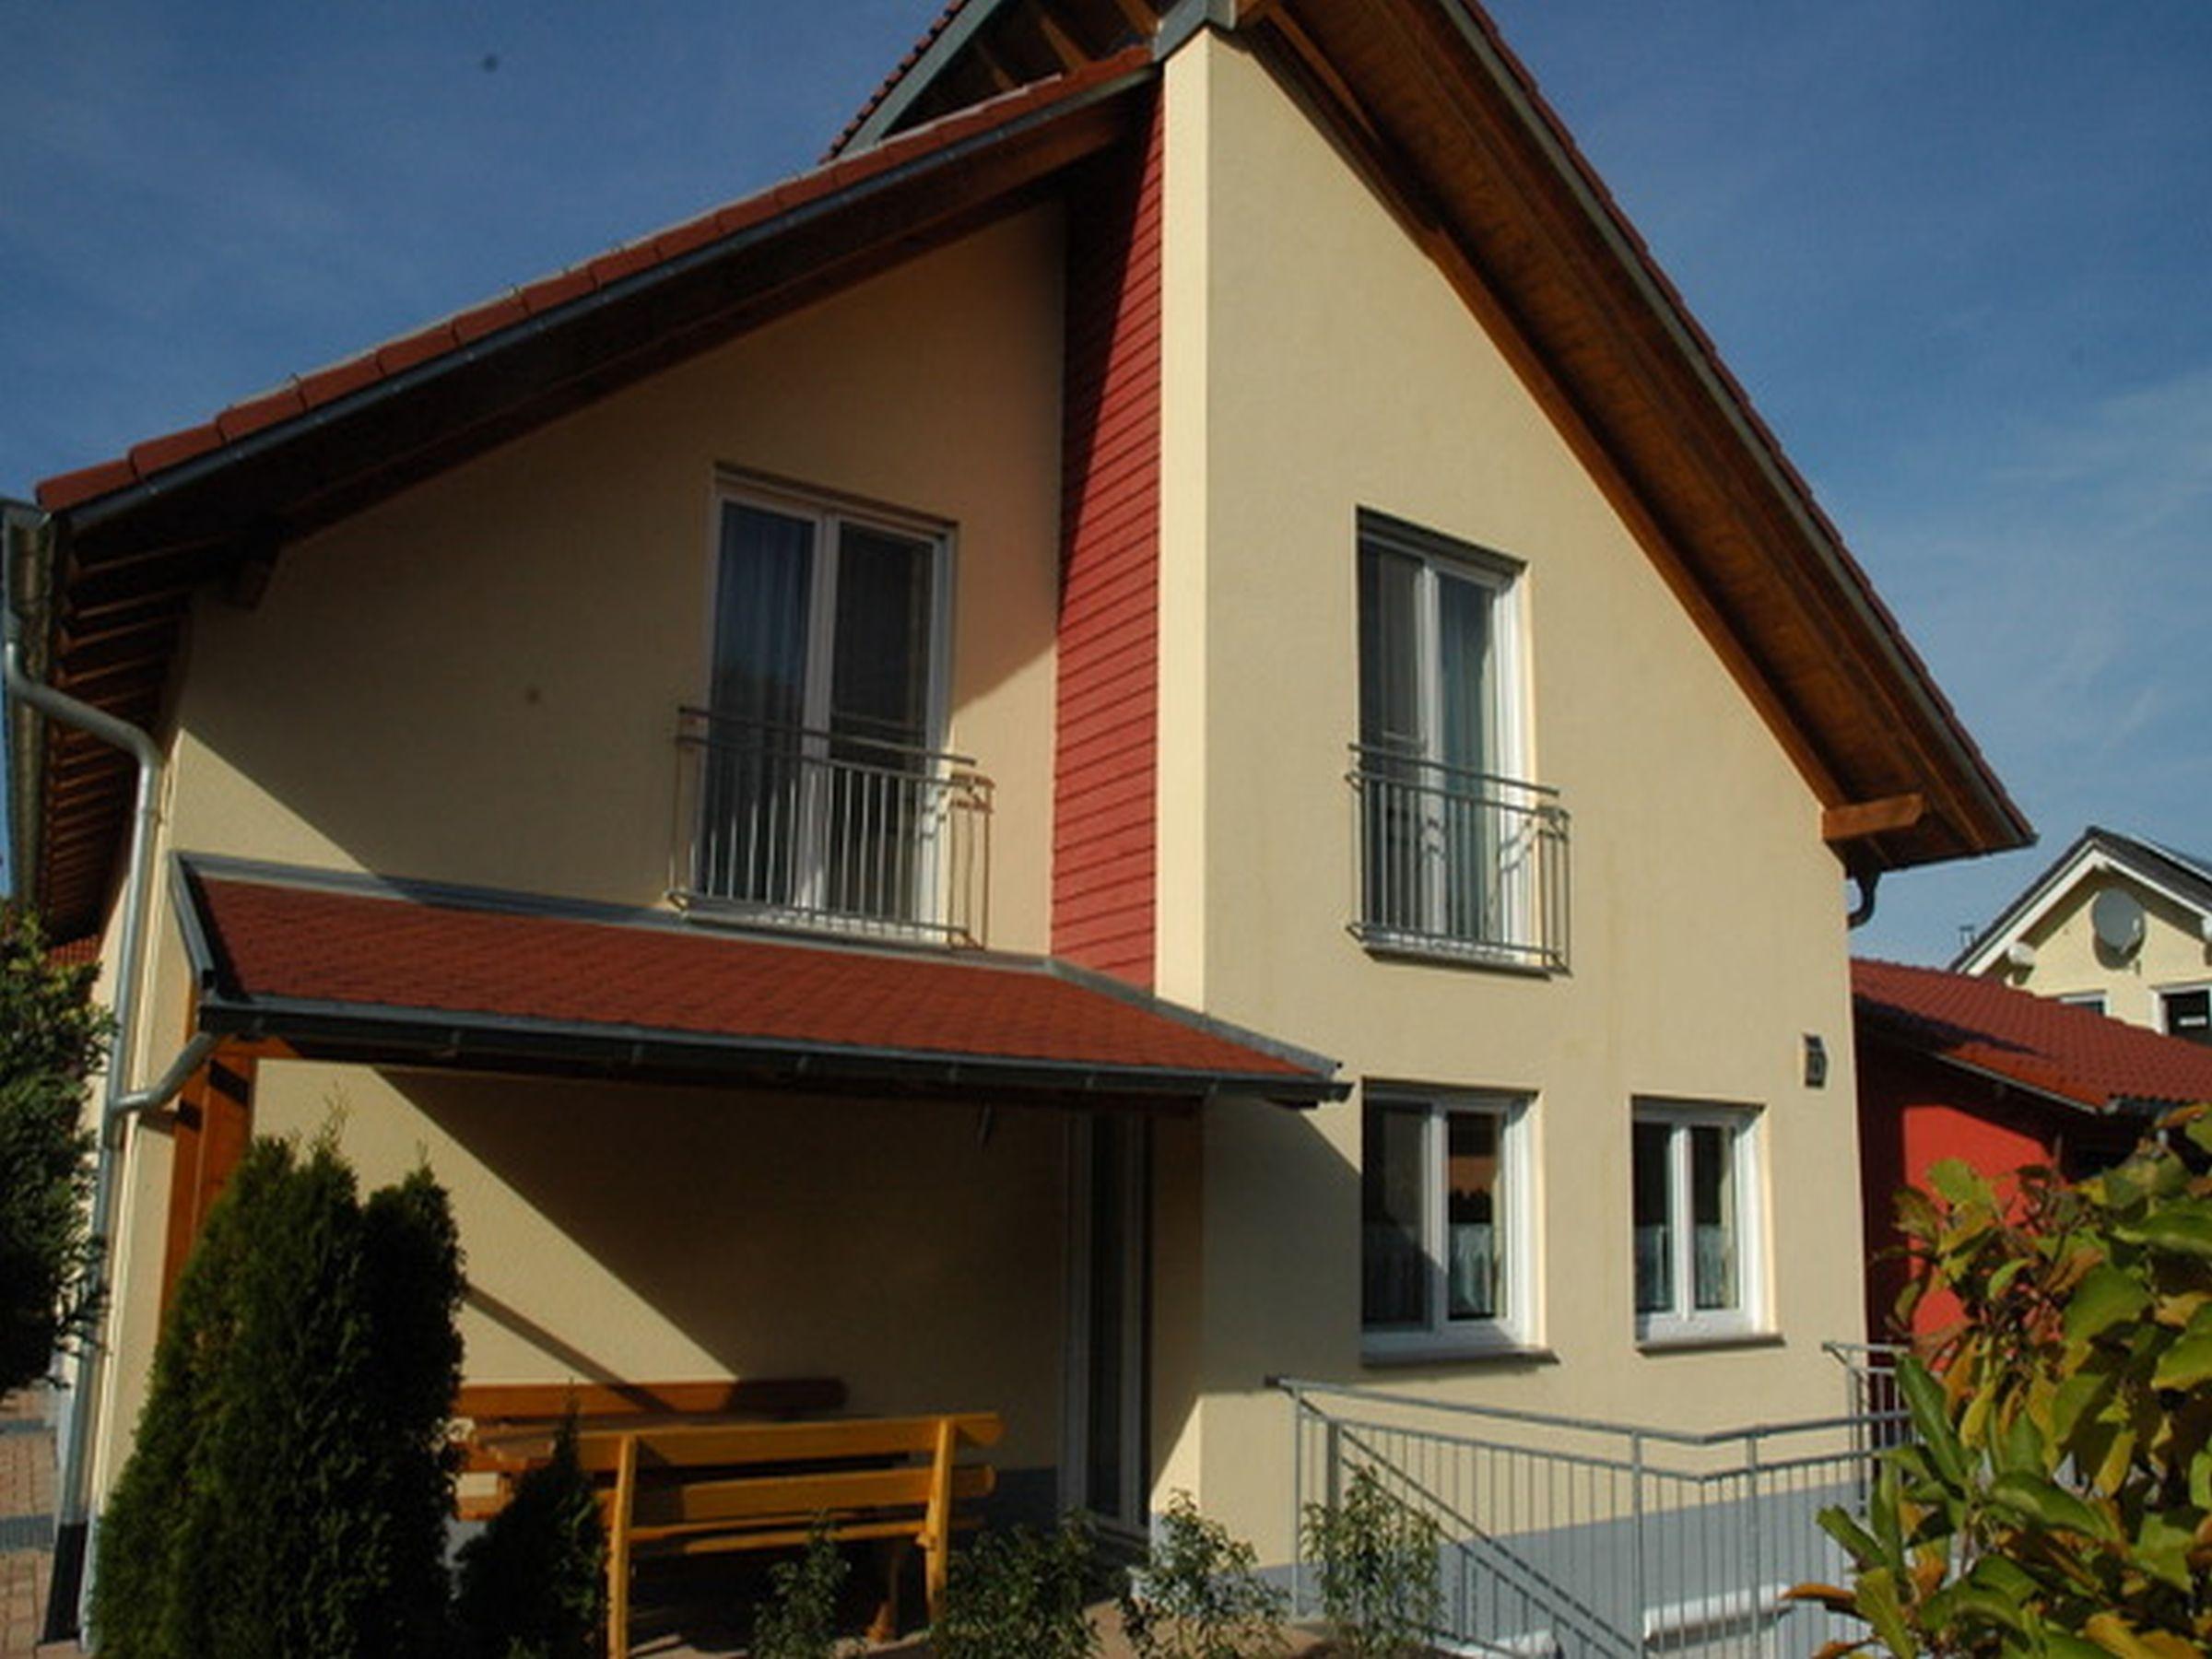 Ferienwohnung Biehler, (Ringsheim). Ferienwohnung